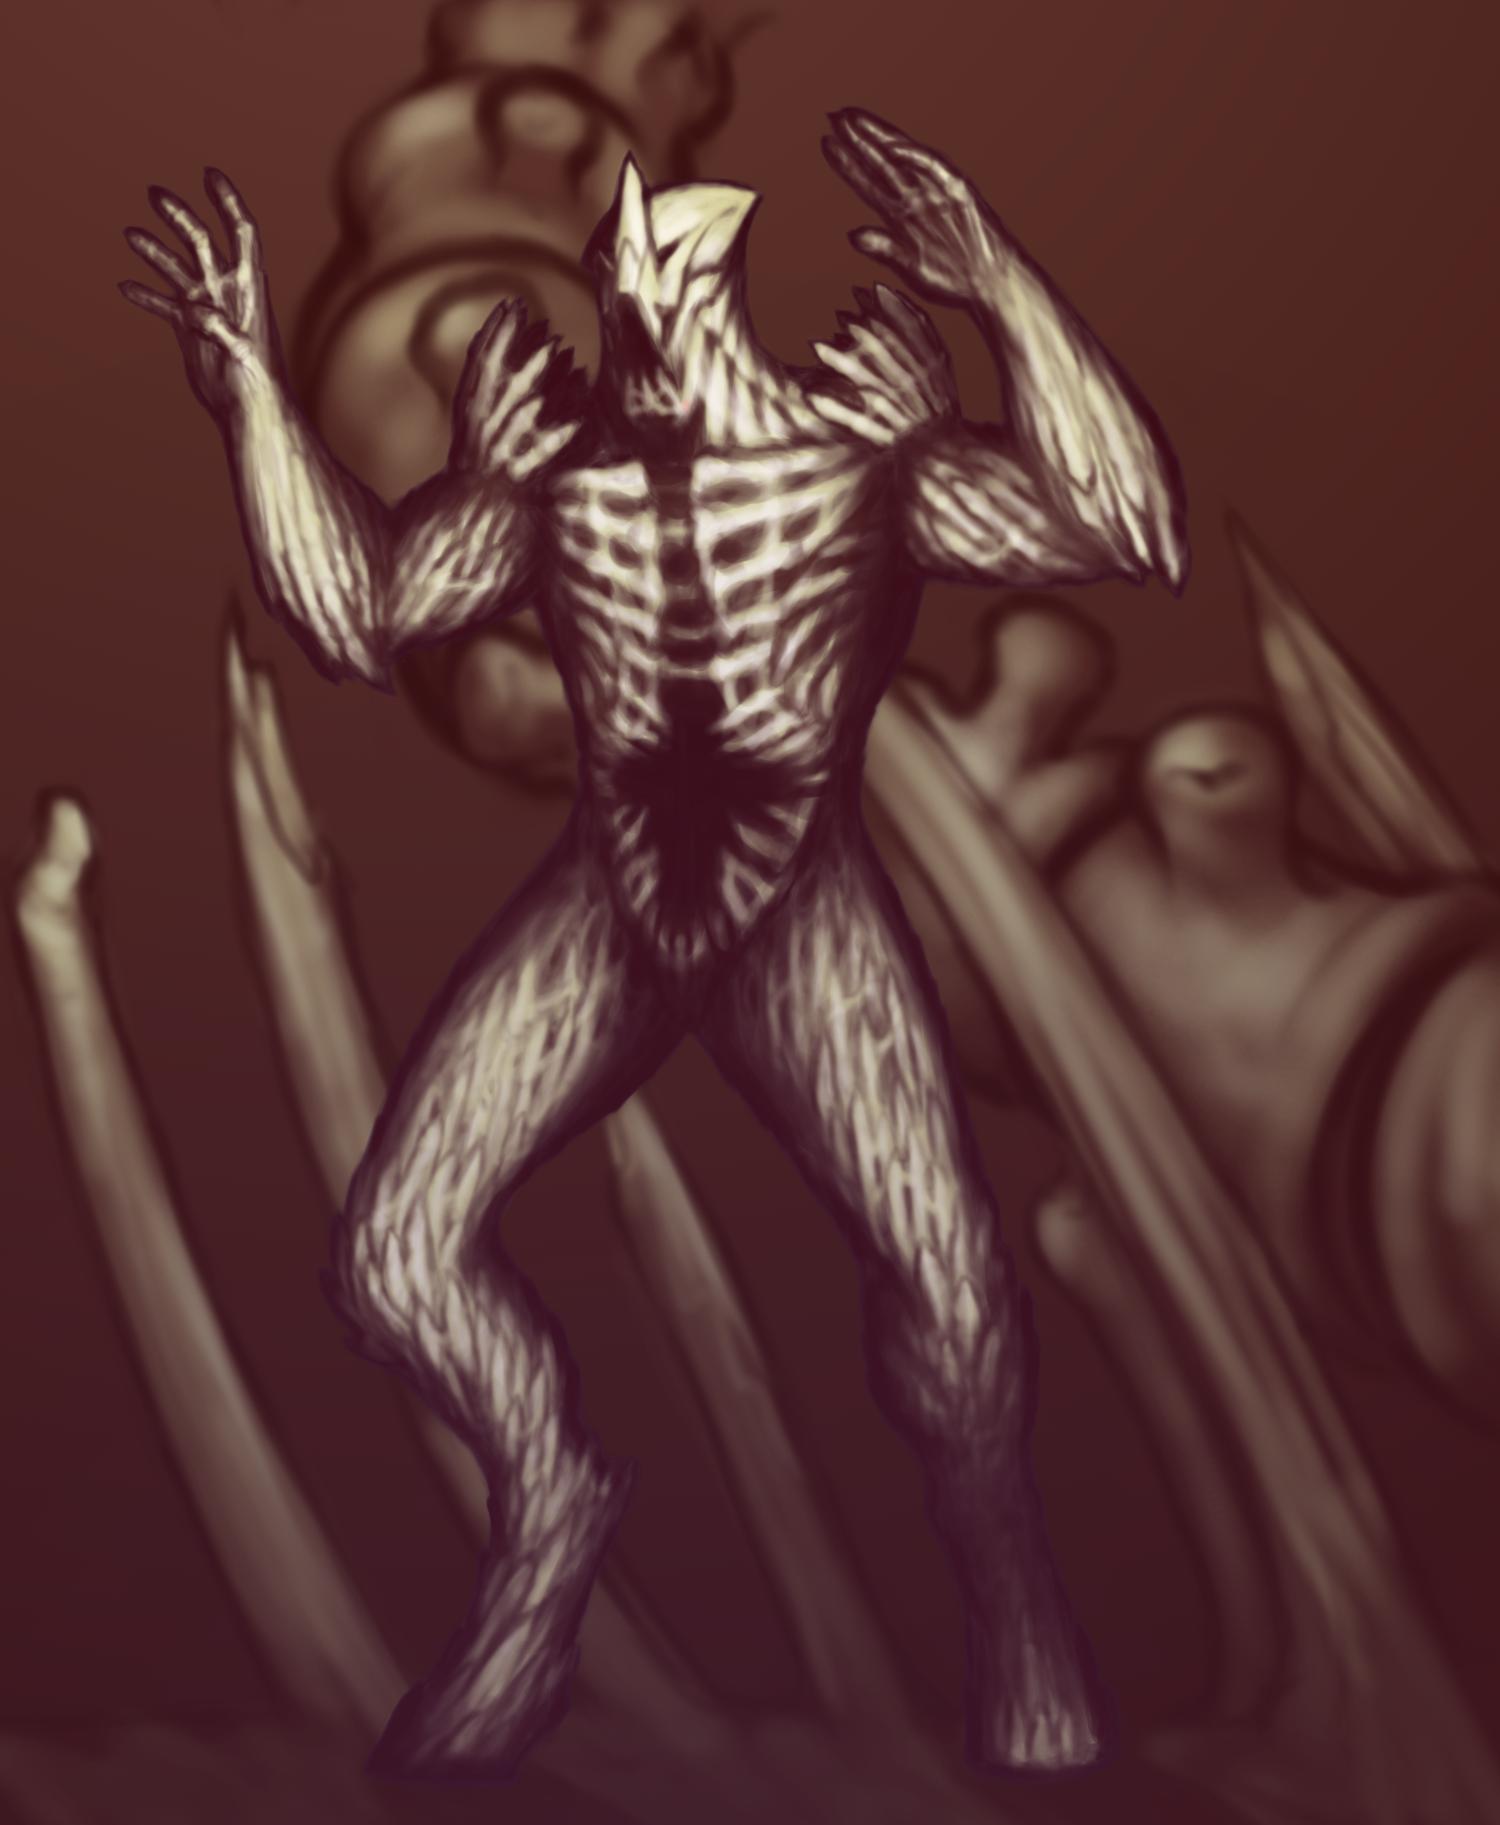 The Marrow Man